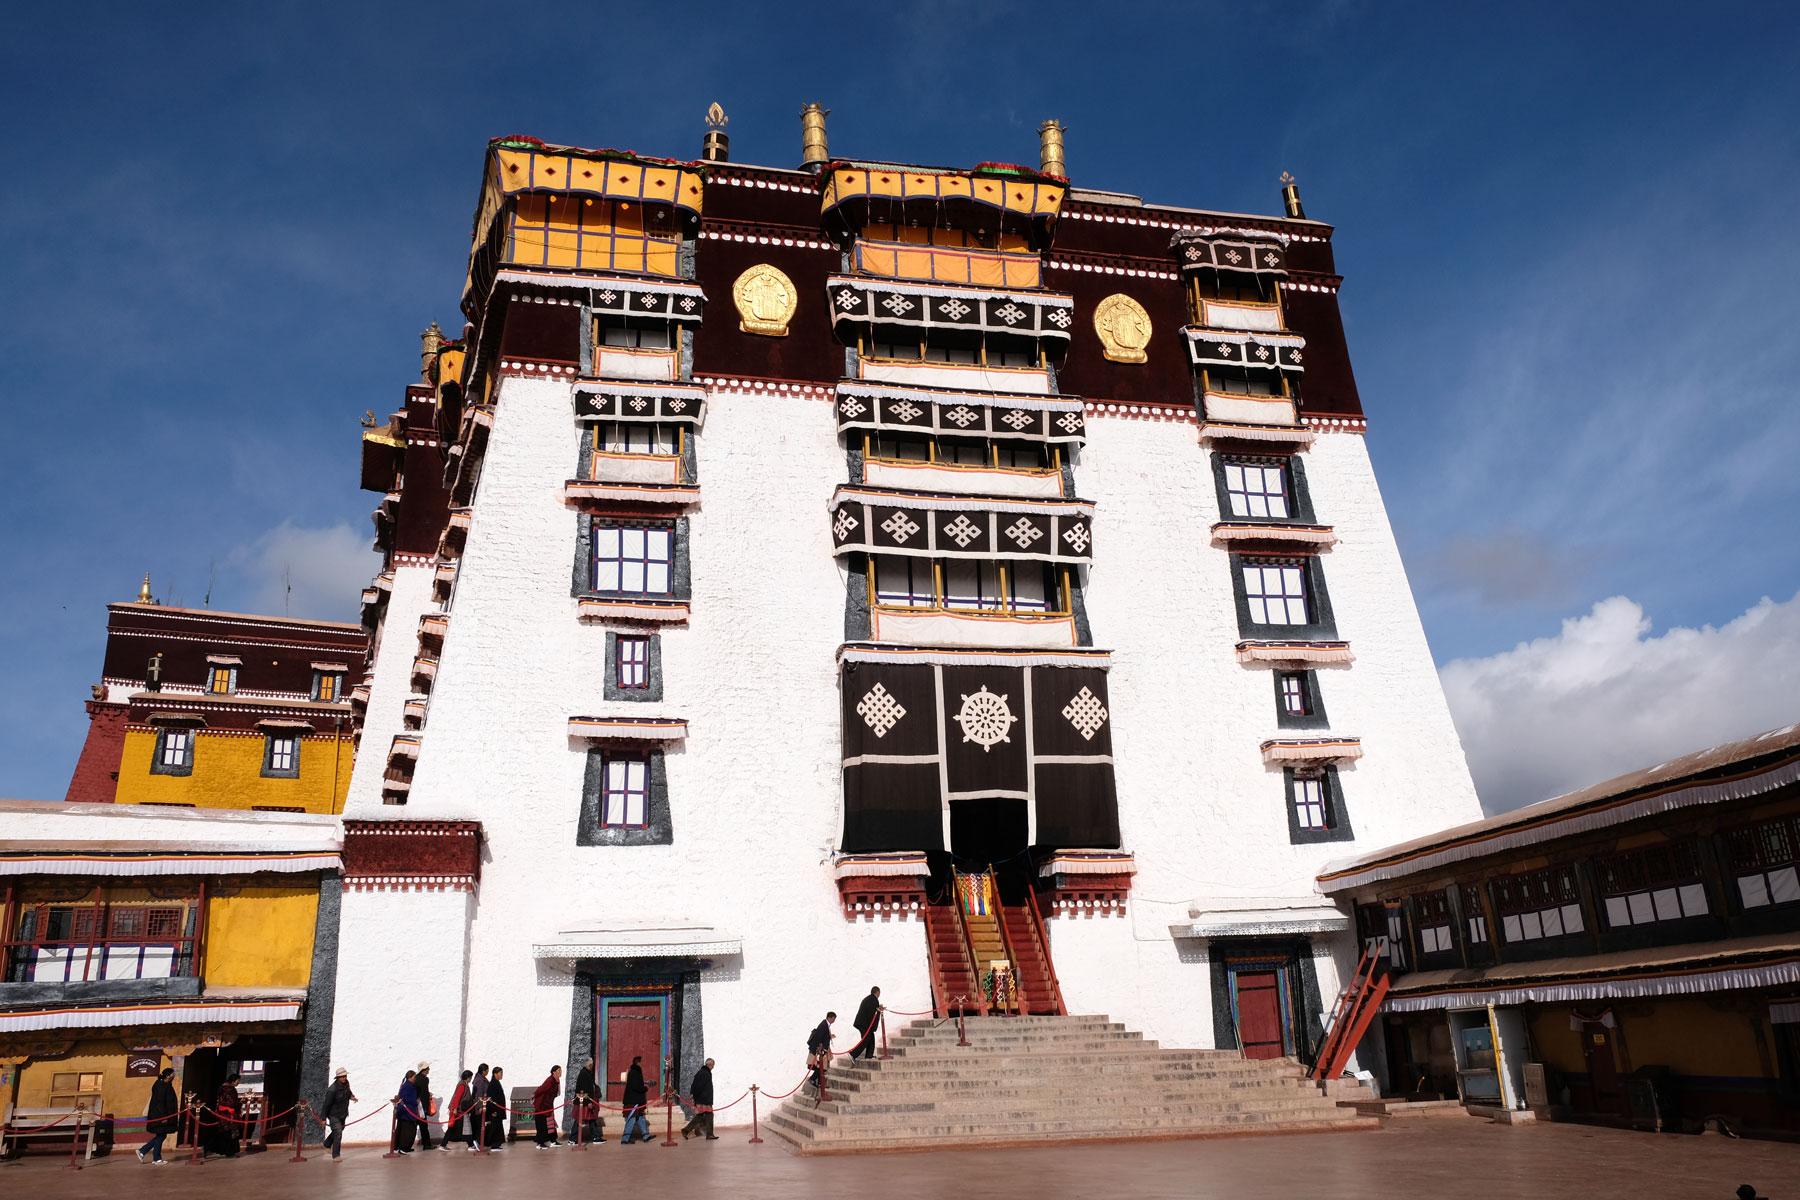 Das Haupthaus des Potalas in Lhasa in Tibet.